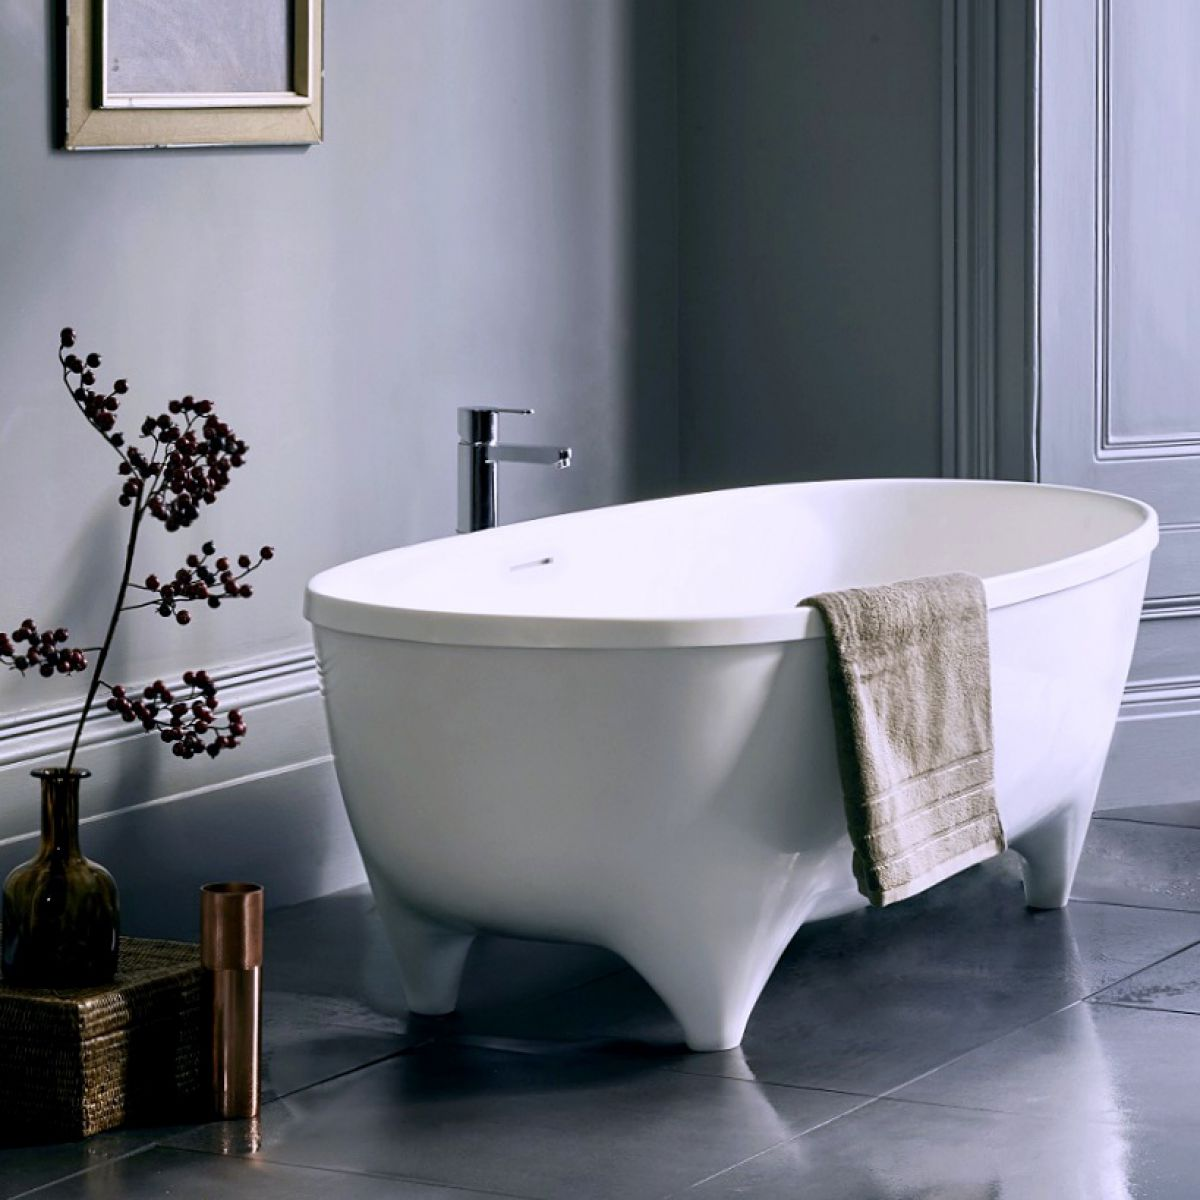 Bathroom Vanities Clearwater Fl: Clearwater Vigore Freestanding Natural Stone Bath : UK